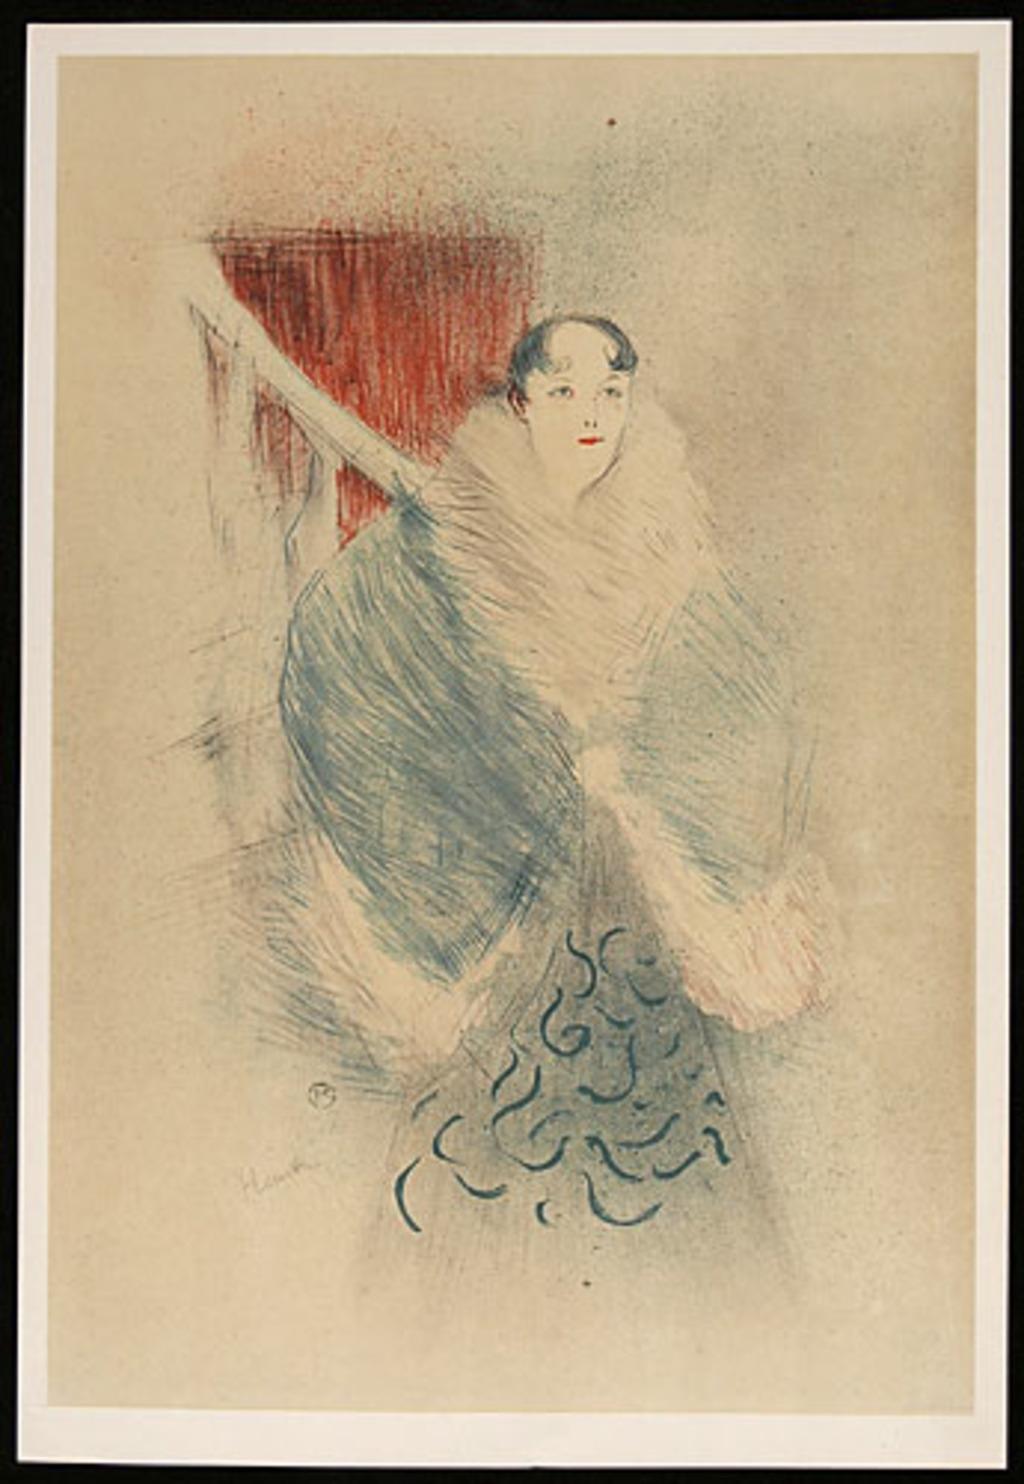 Elsa la Viennoise, de l'album «Toulouse-Lautrec, douze lithographies»